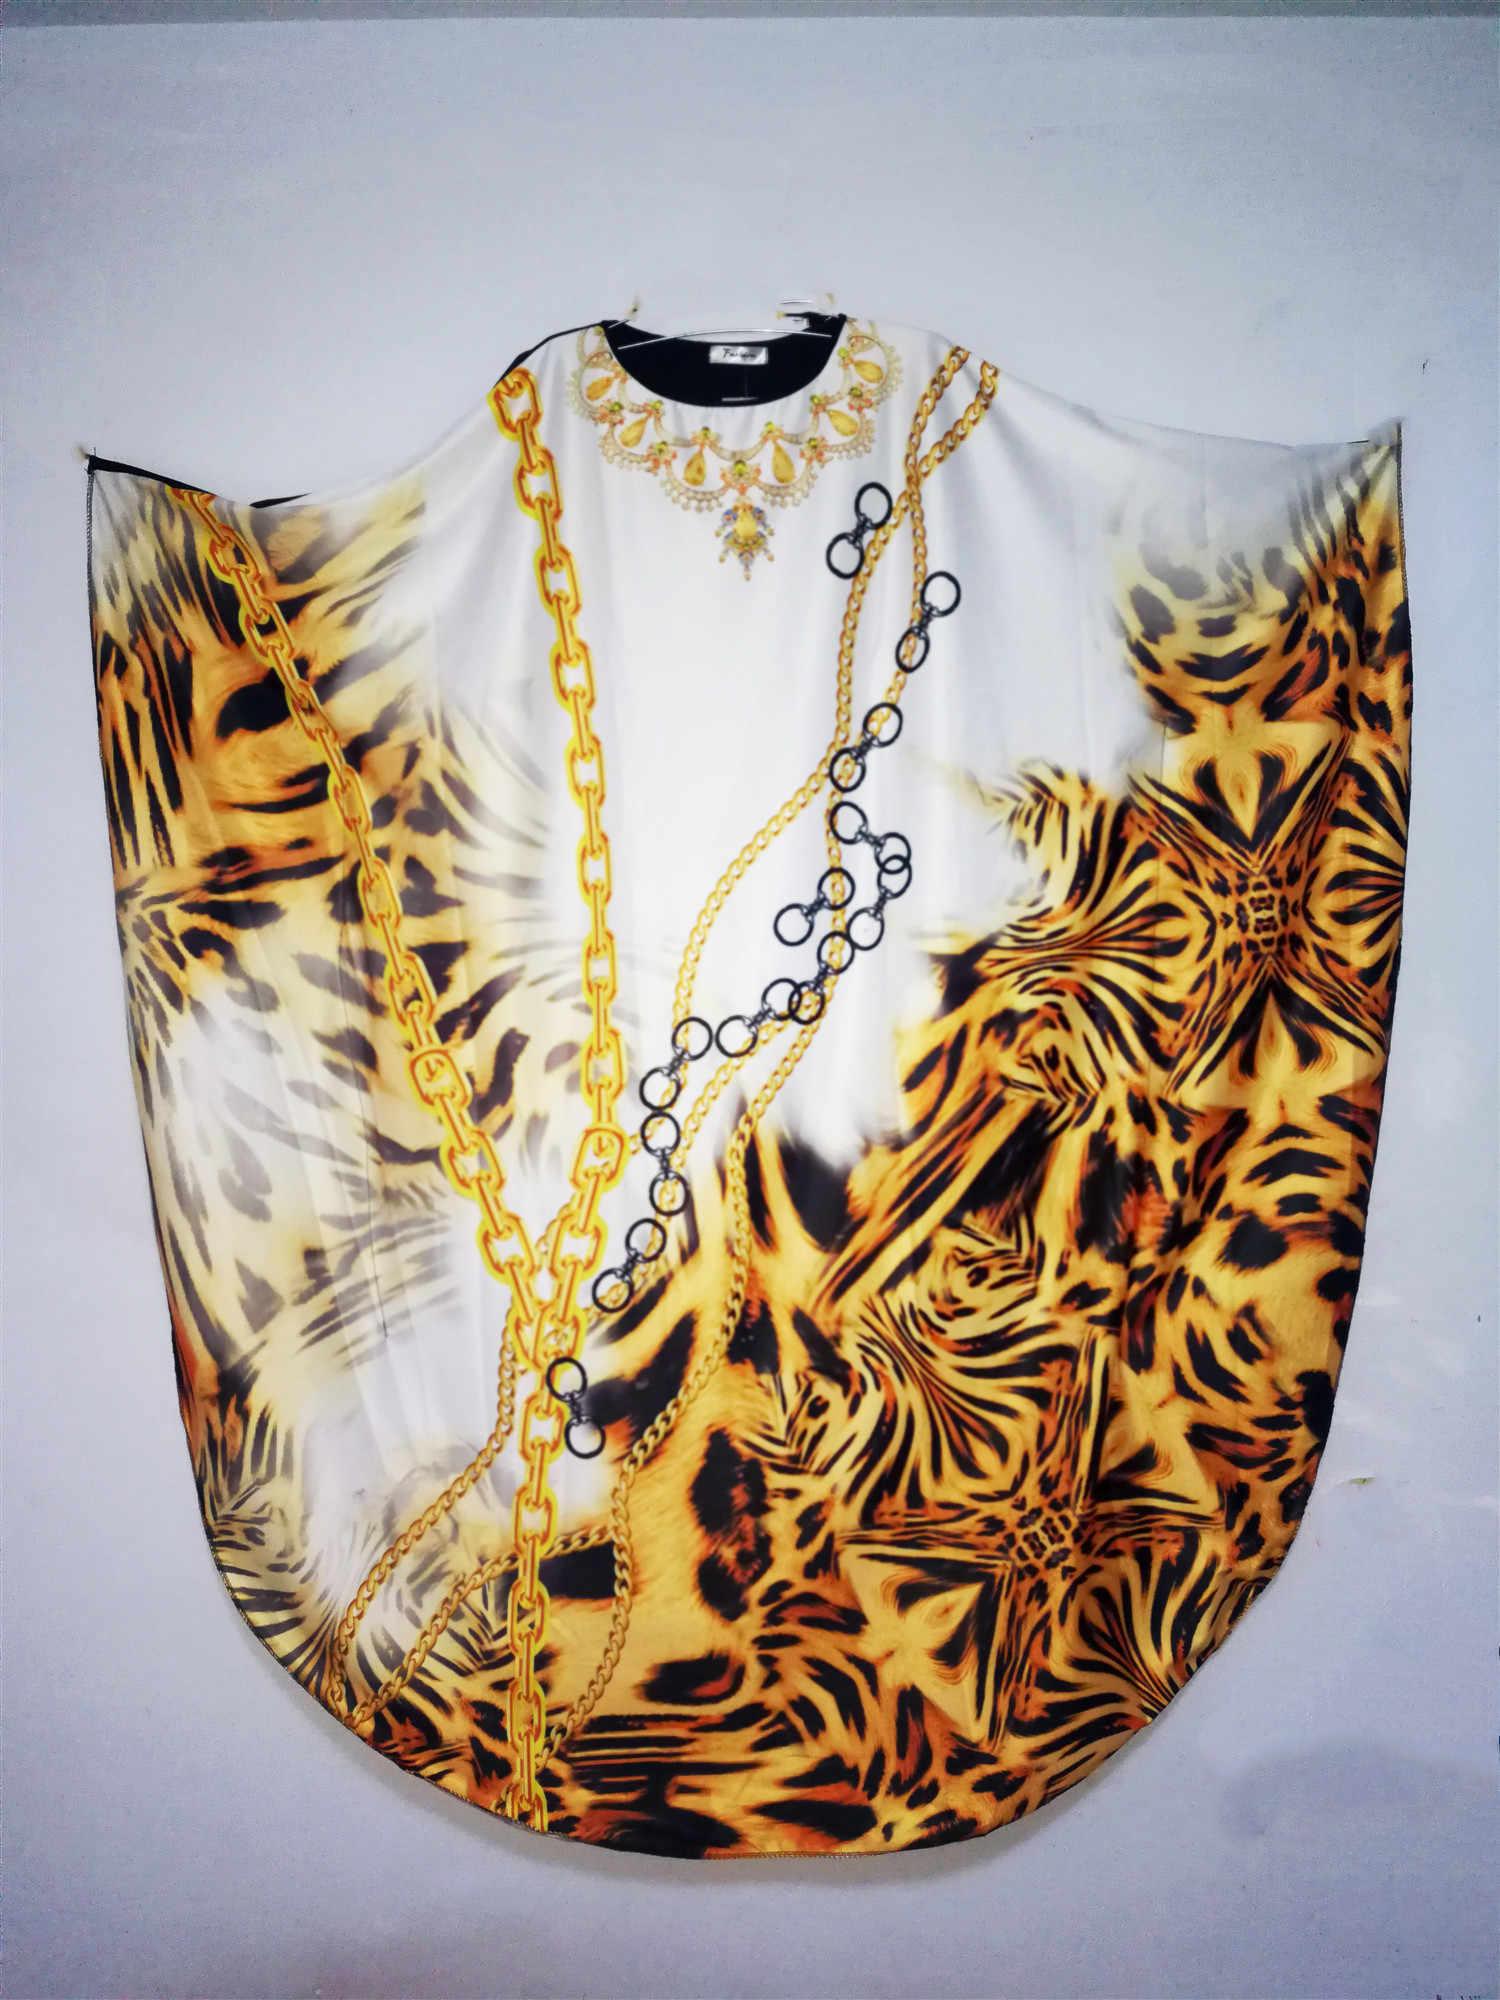 2019 الأفريقي اللباس Dashiki التماثل المرأة طباعة فساتين عارضة قصيرة الأكمام Vestidos أفريقيا الملابس